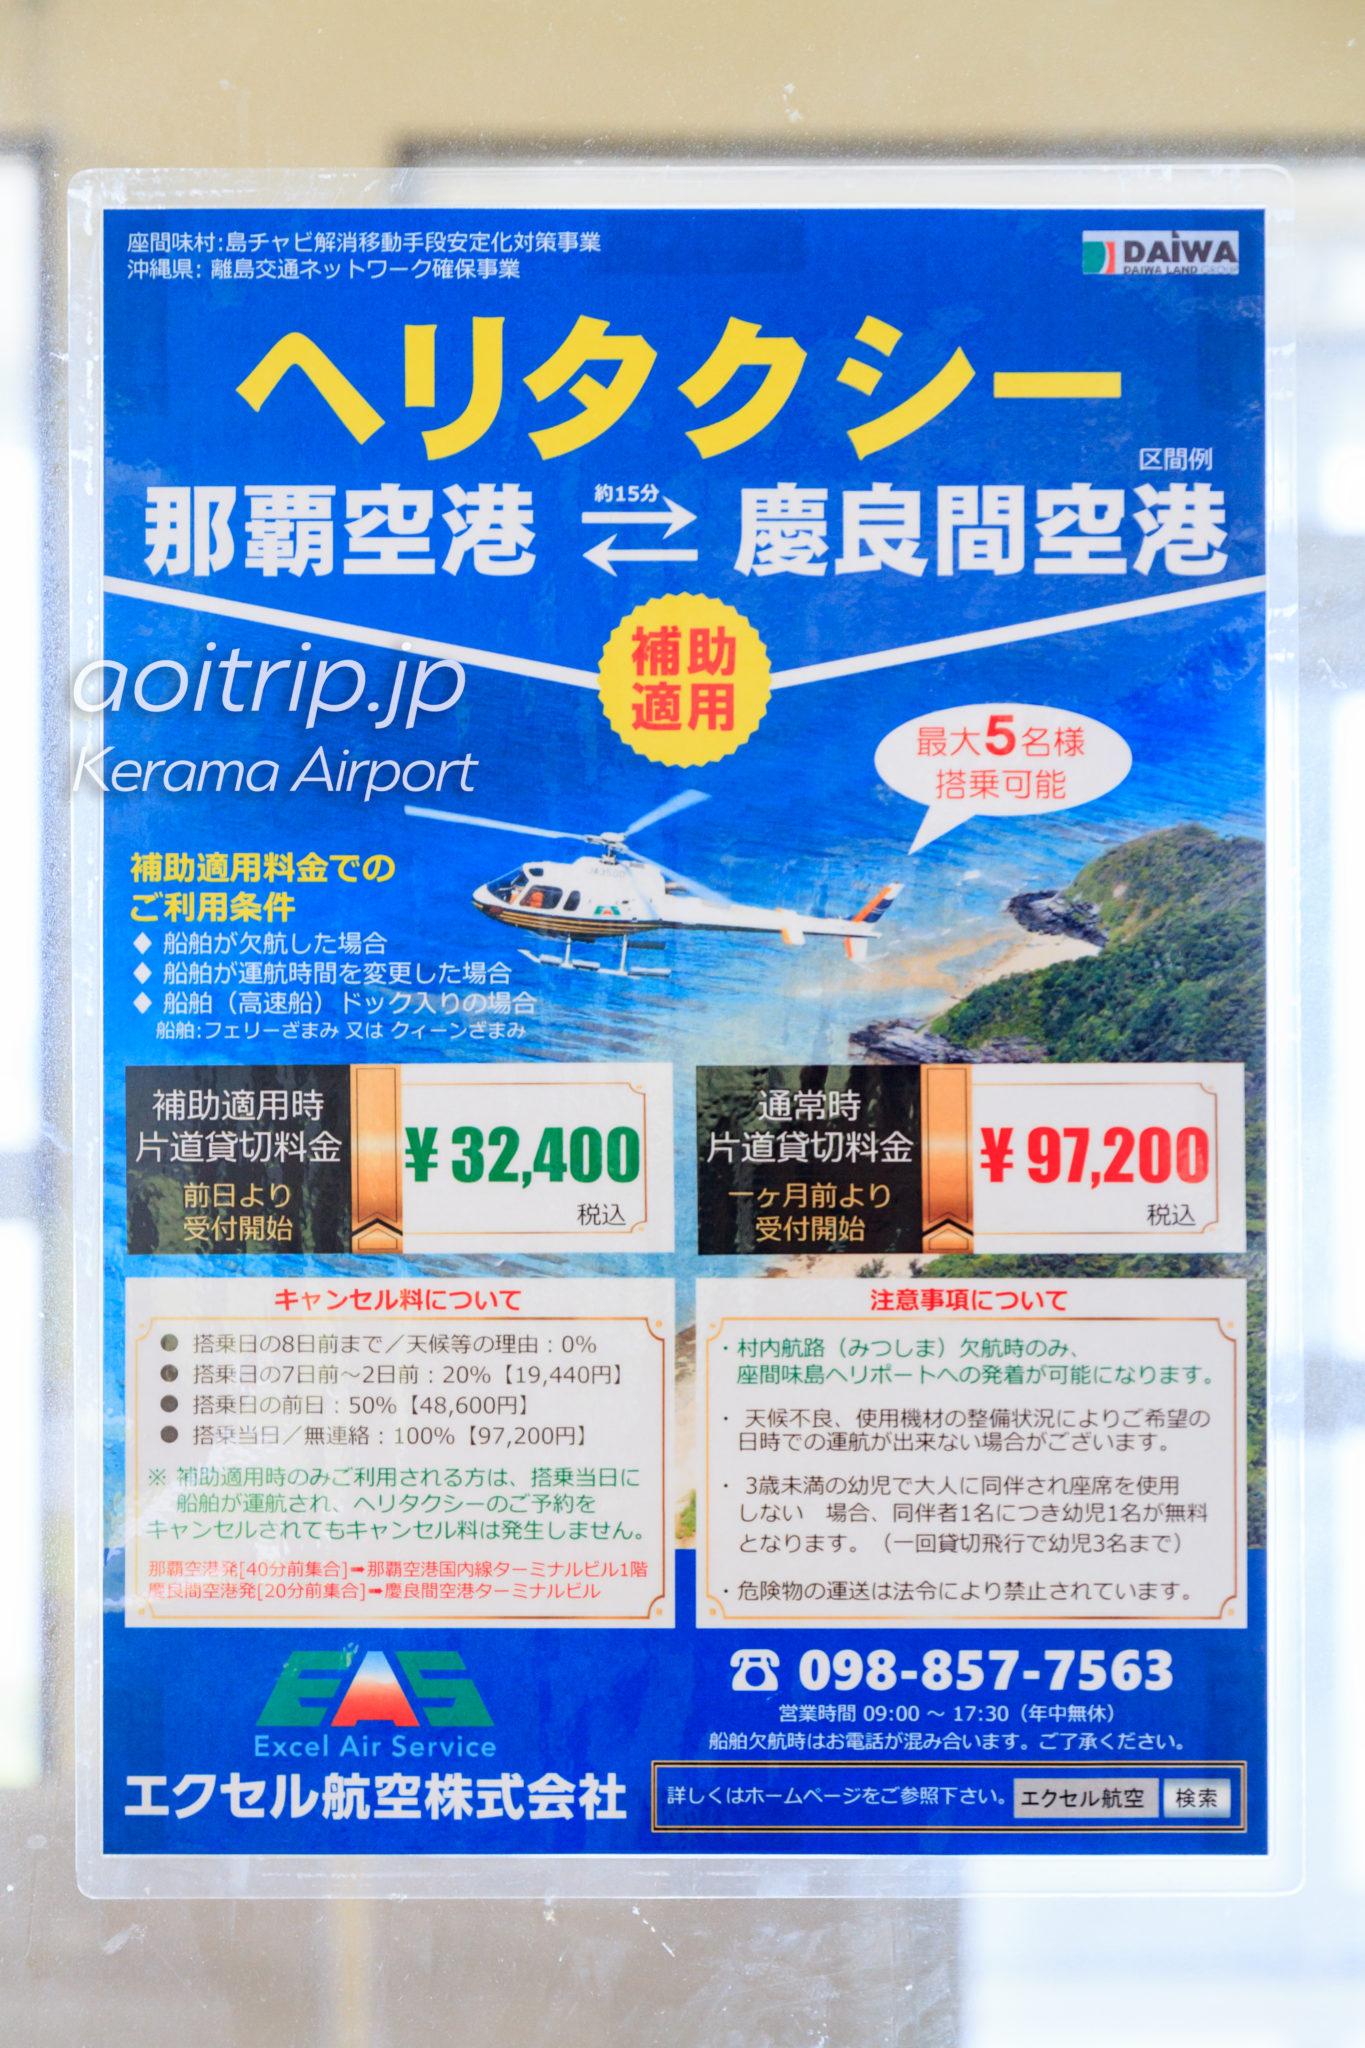 那覇空港から慶良間空港のヘリタクシー